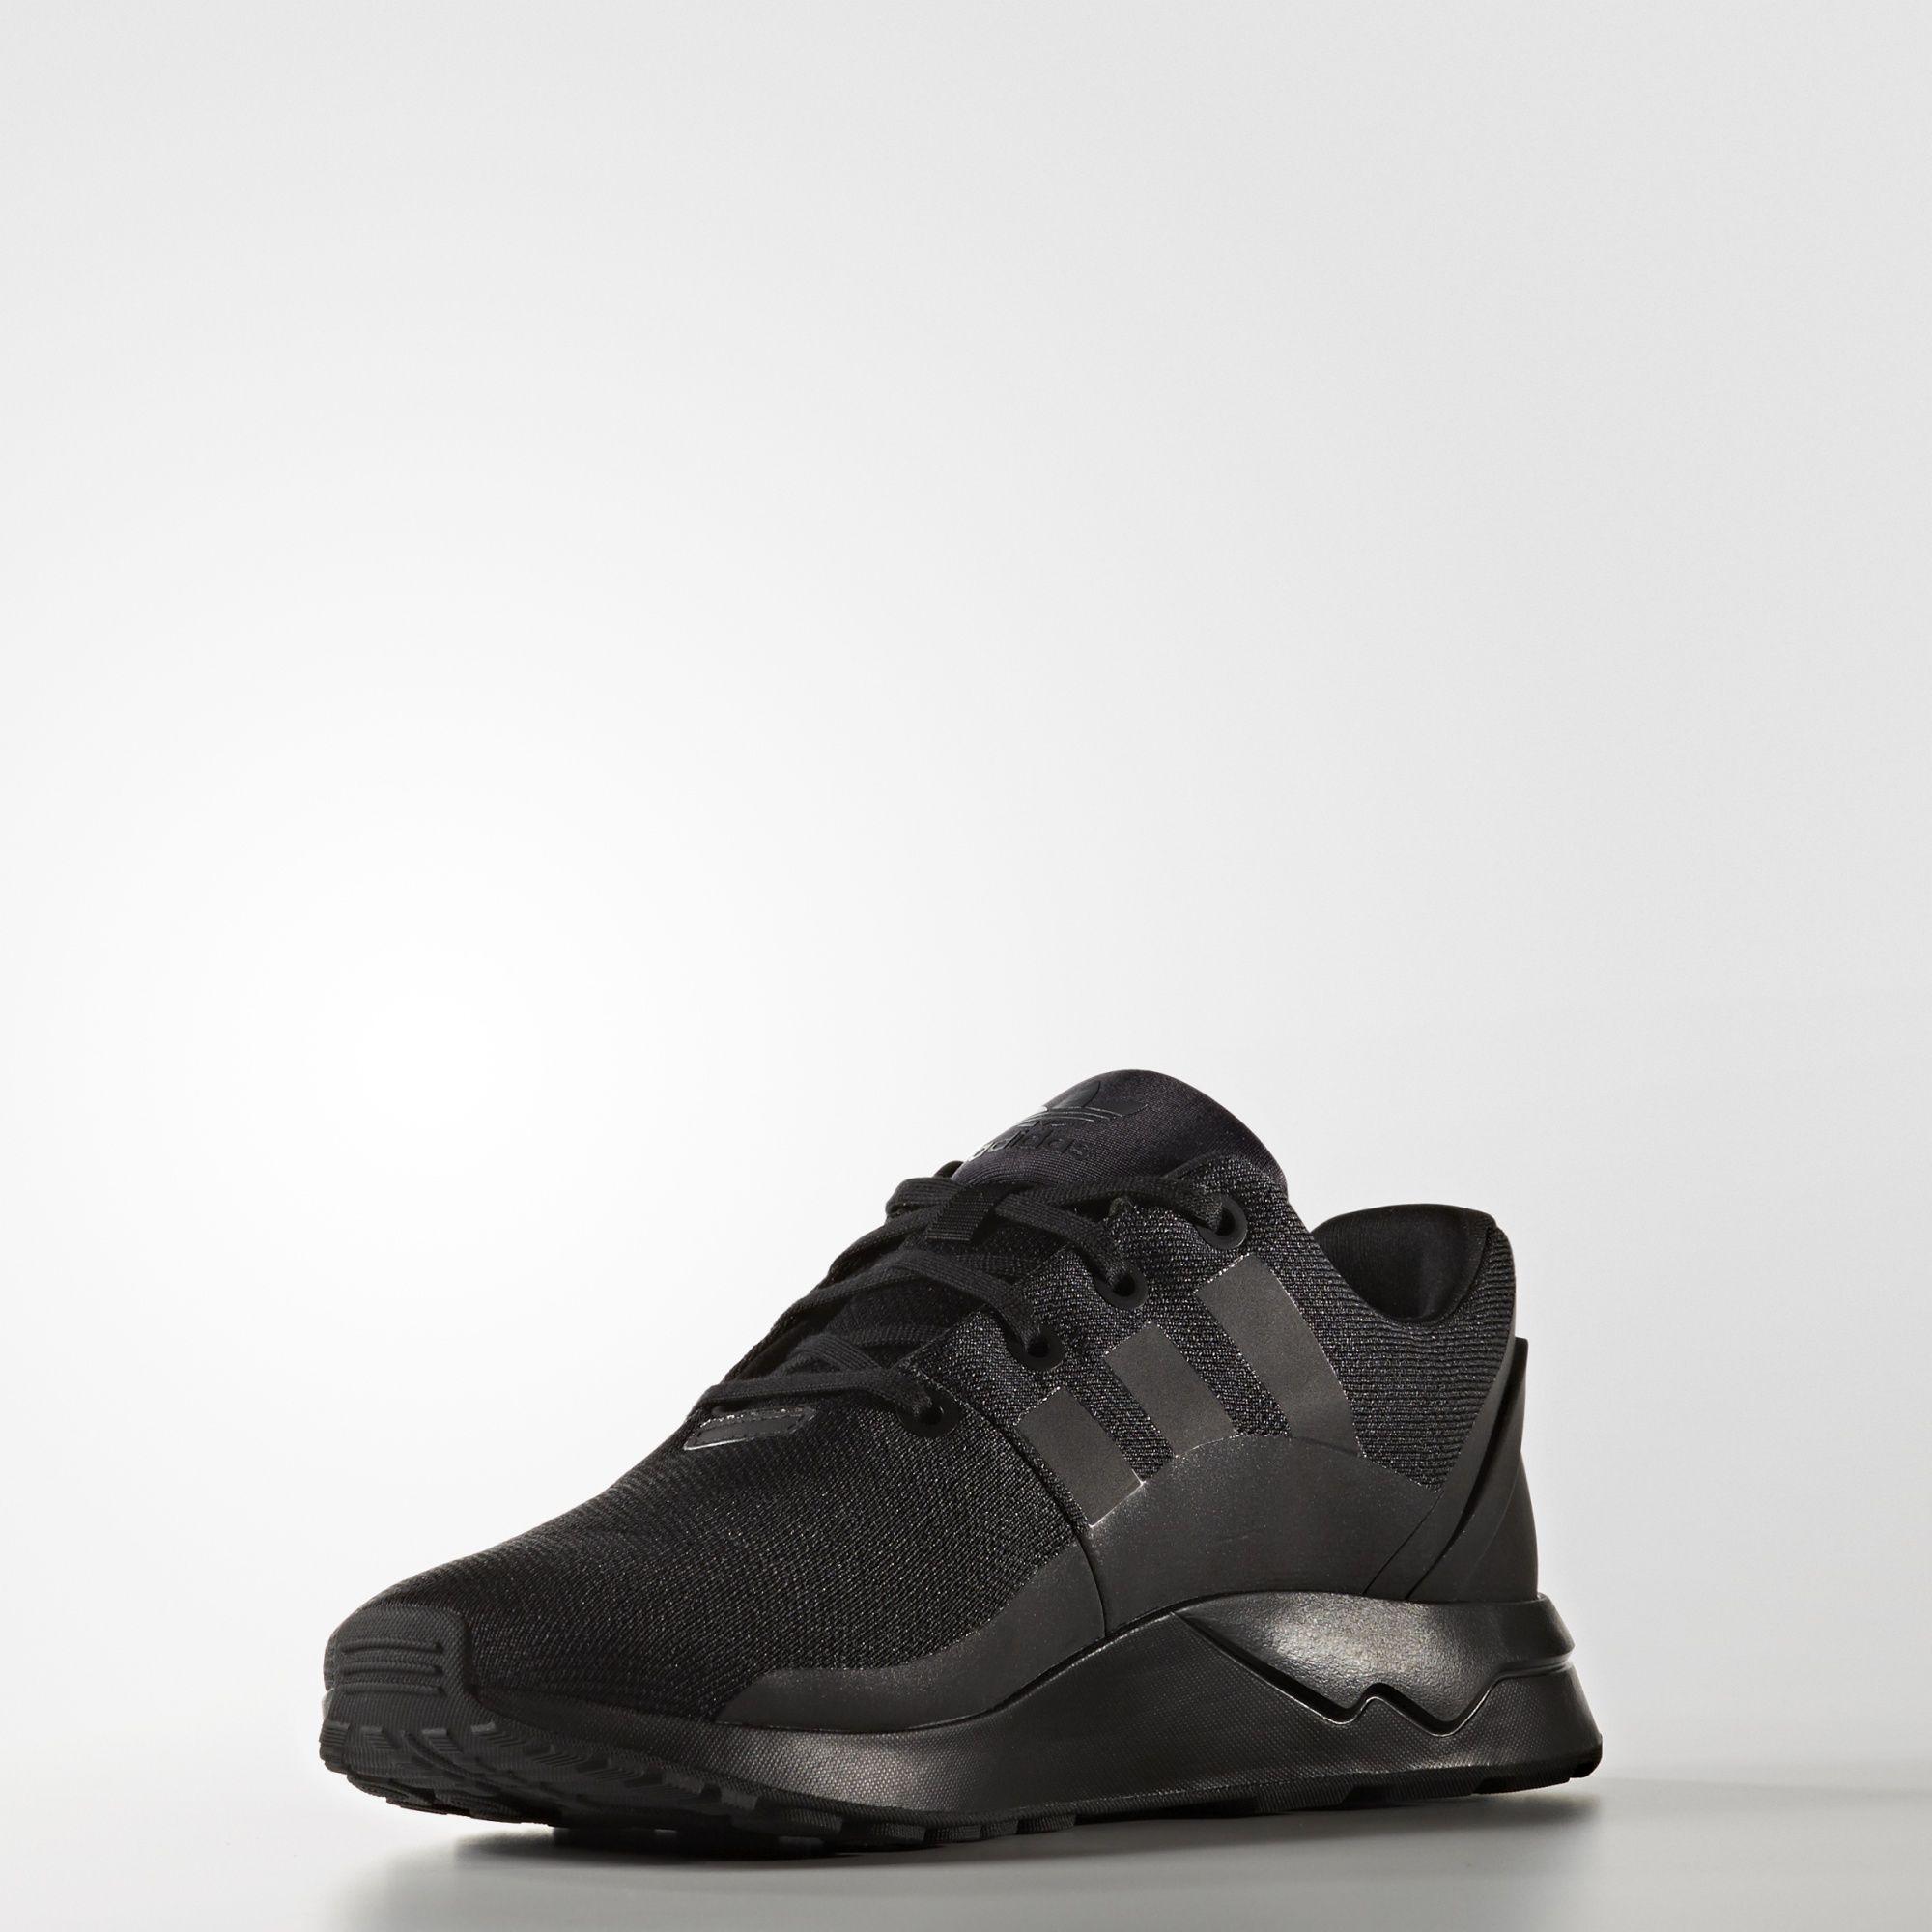 adidas - ZX Flux ADV Tech Schoenen